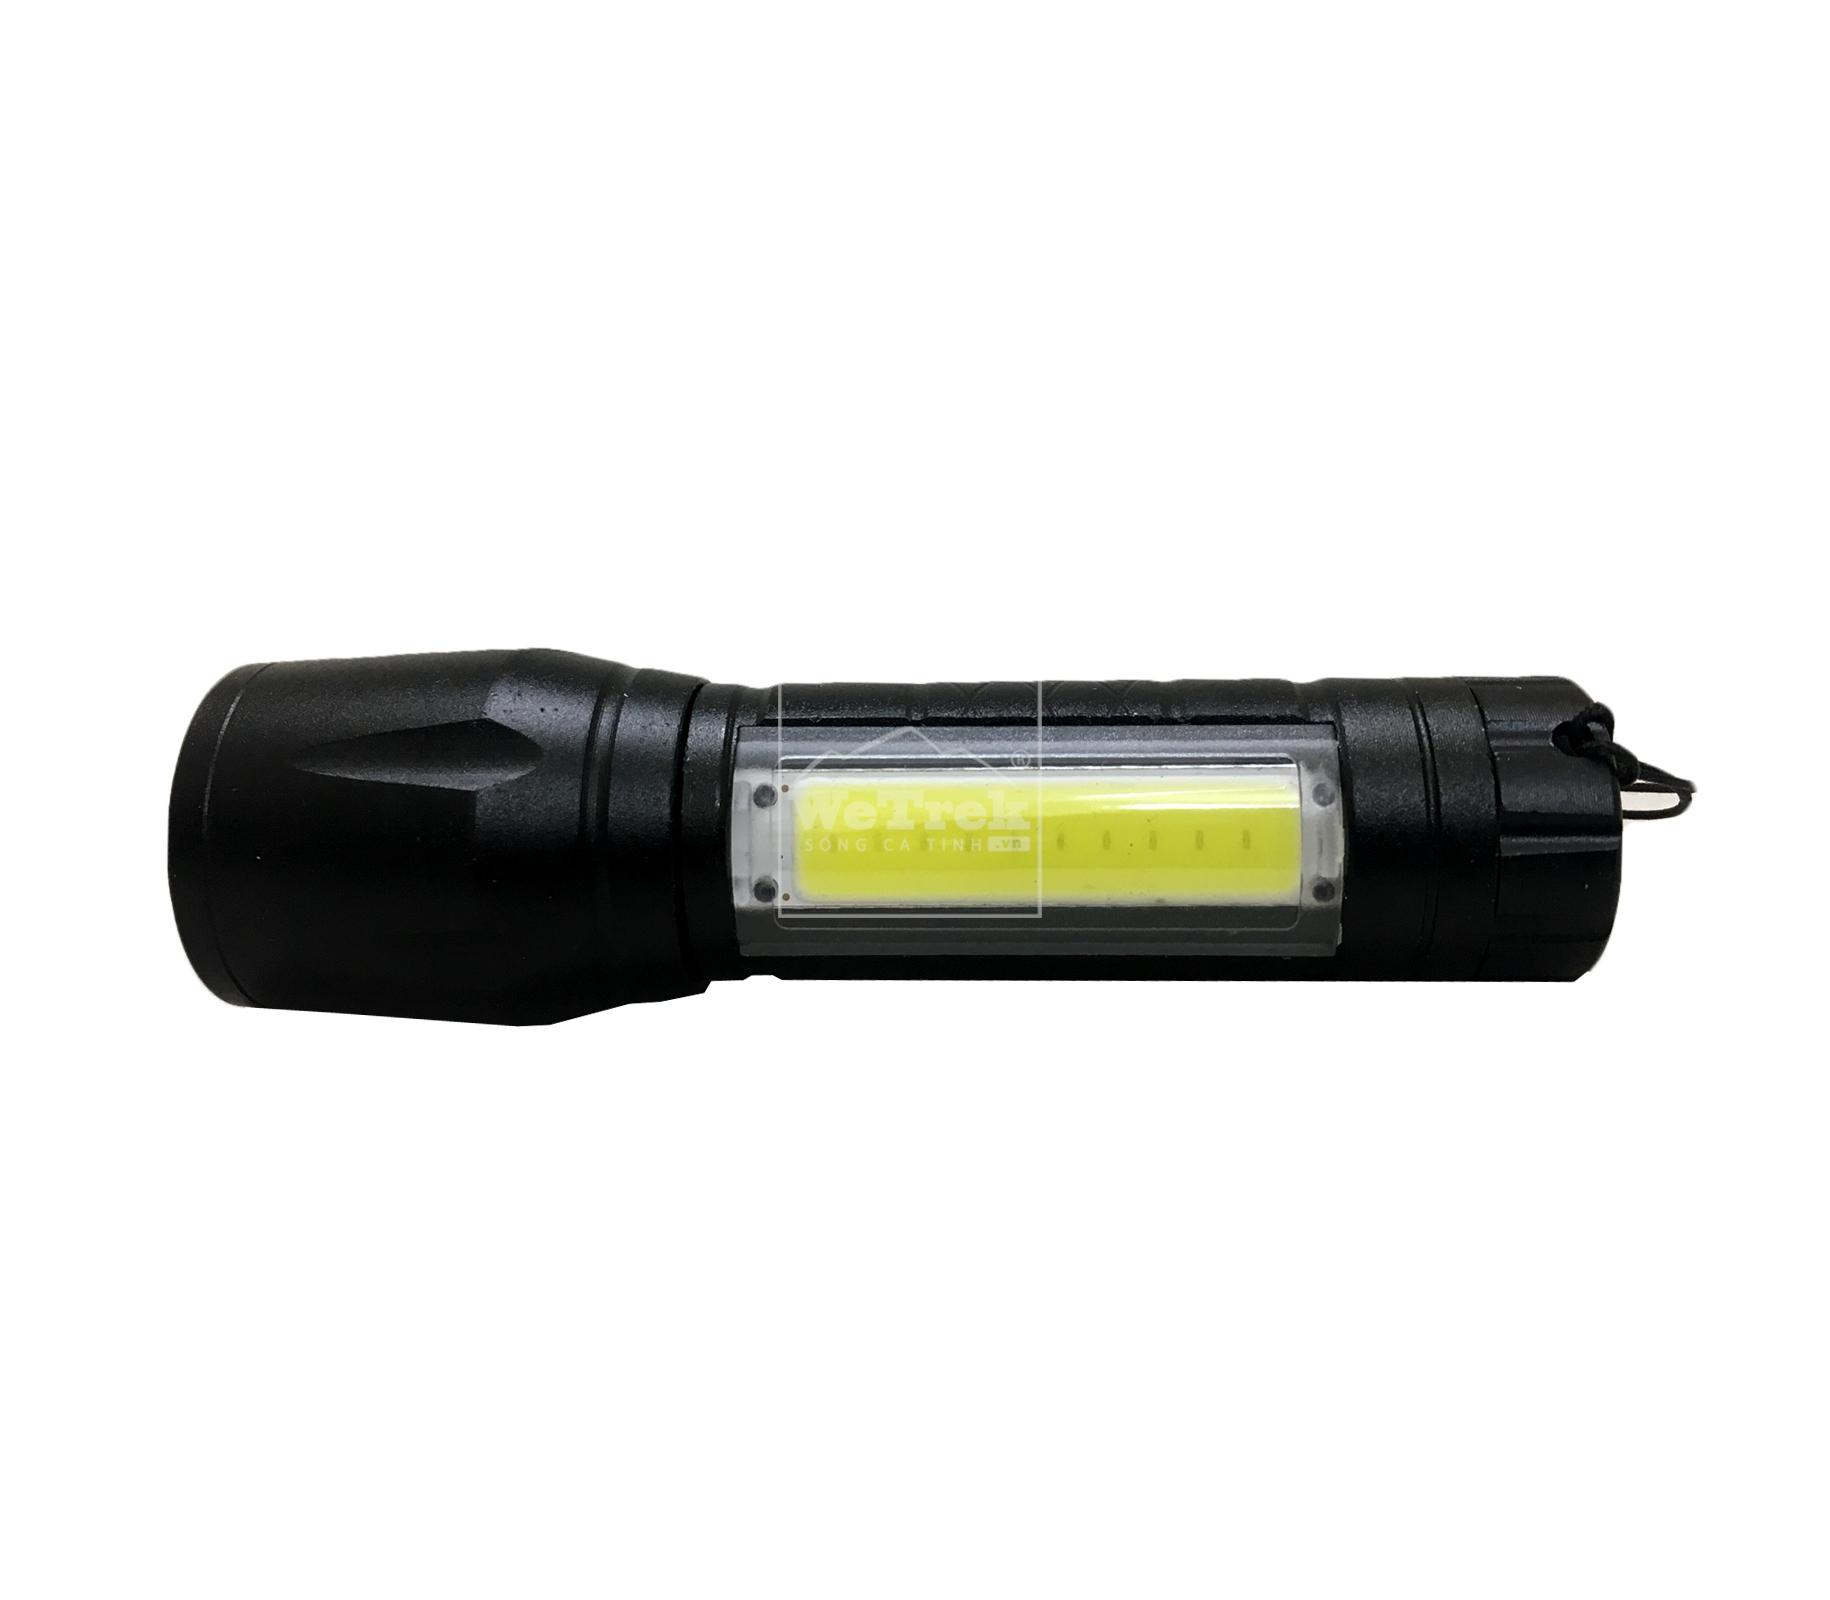 2-den-pin-LED-sieu-sang-AN-Torch-8887-wetrekvn.jpg